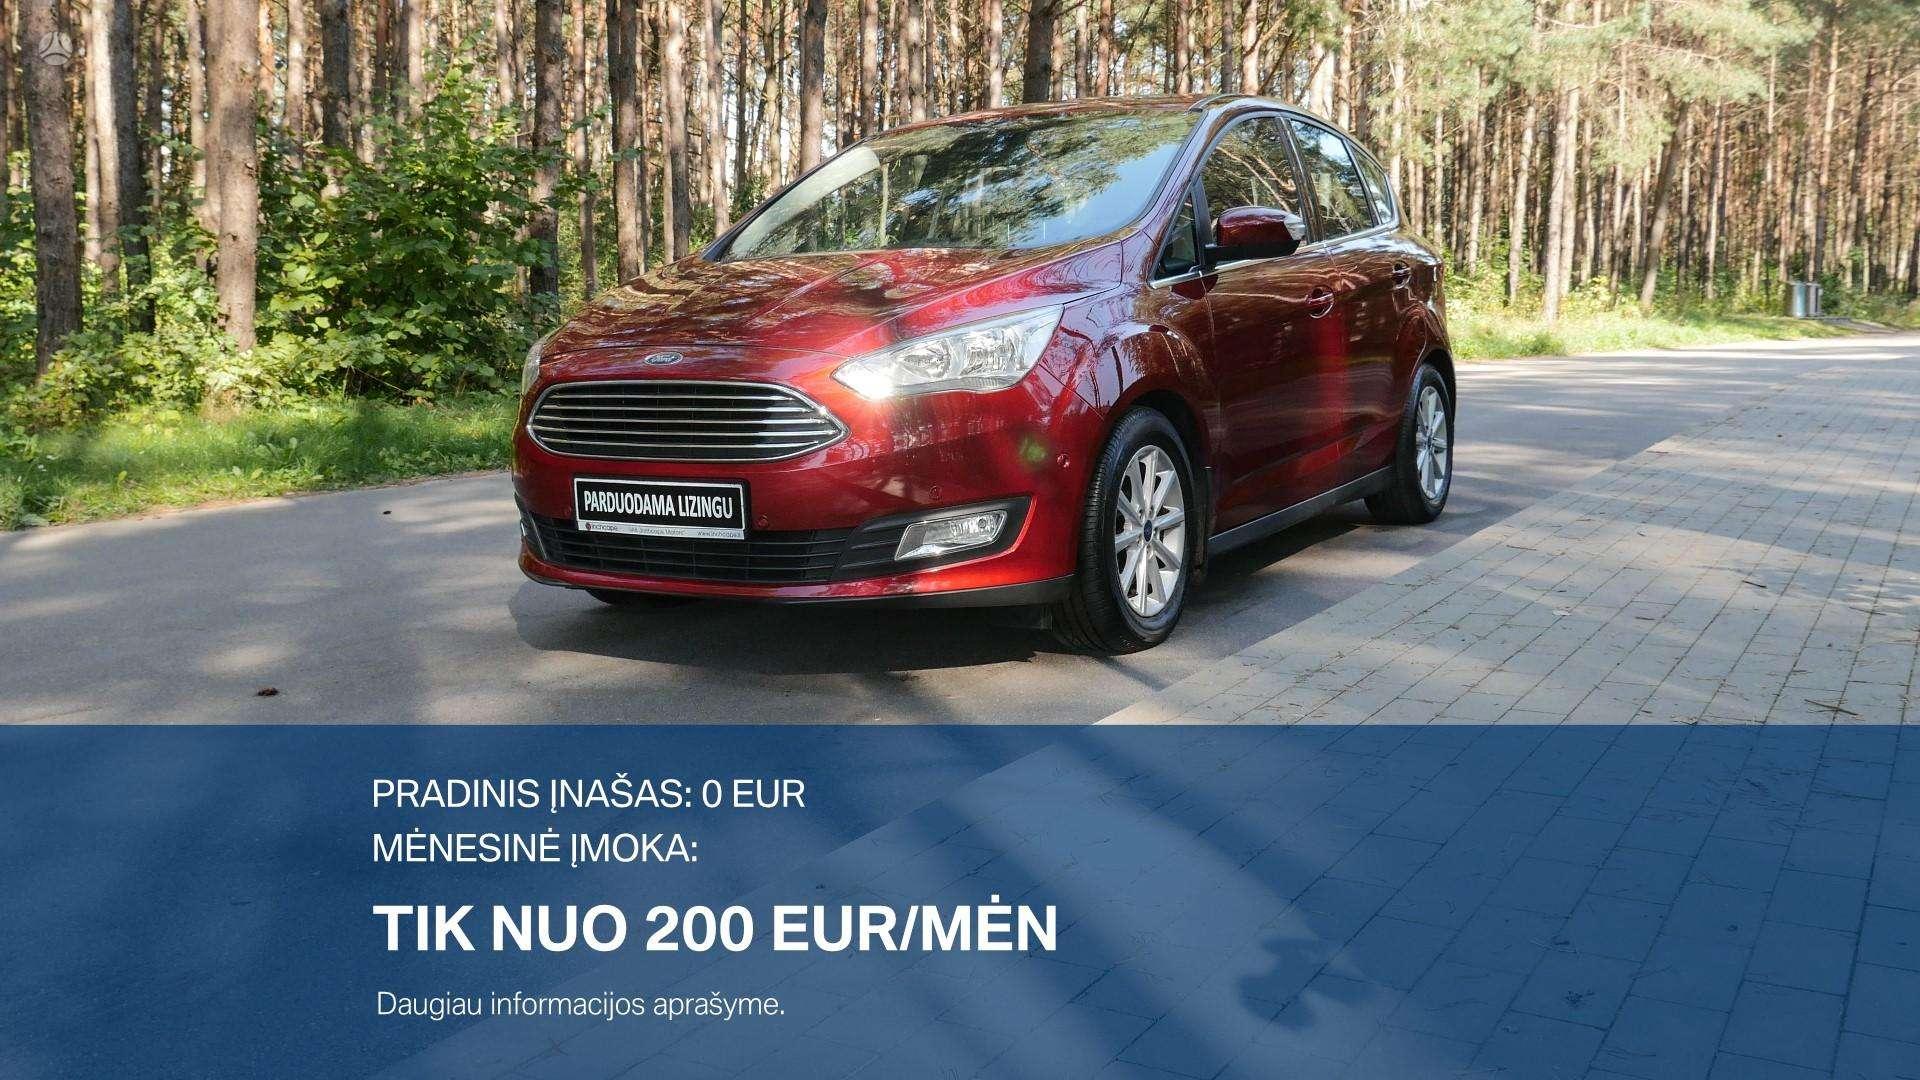 Ford C-MAX Išsimokėtinai nuo 200Eur/Mėn su 3 mėnesių garantija